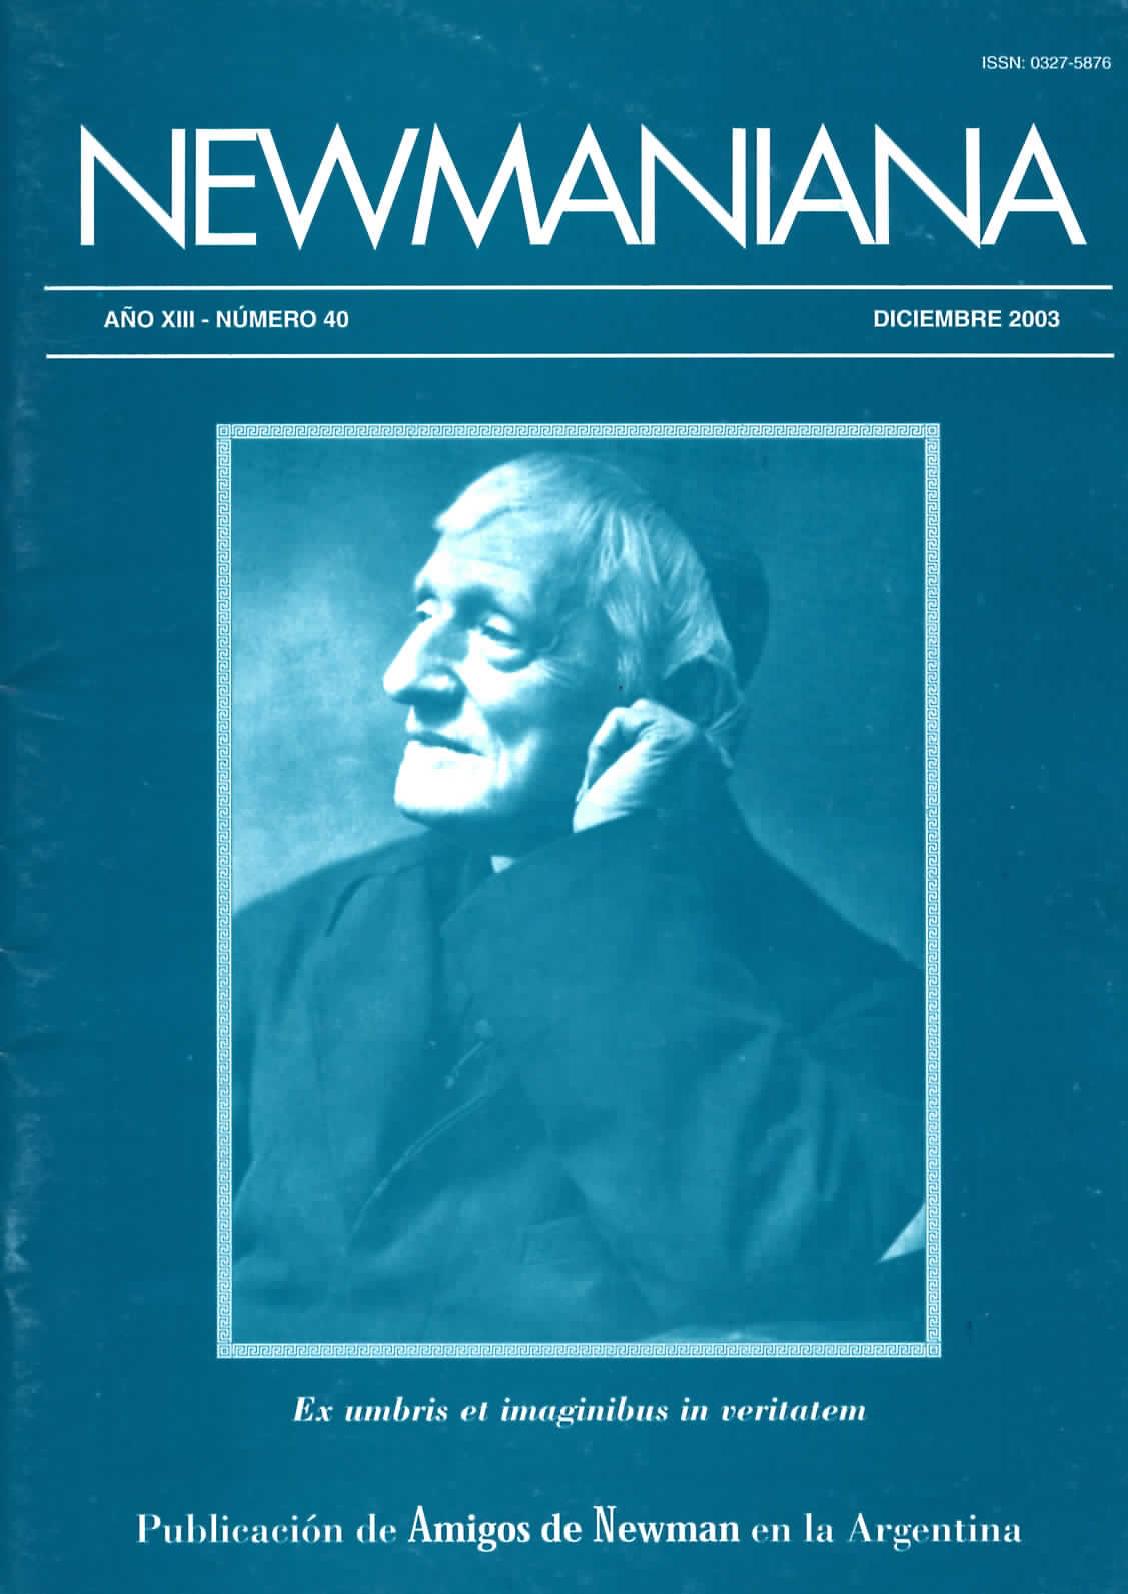 Revista Newmaniana N° 40 – Diciembre 2003